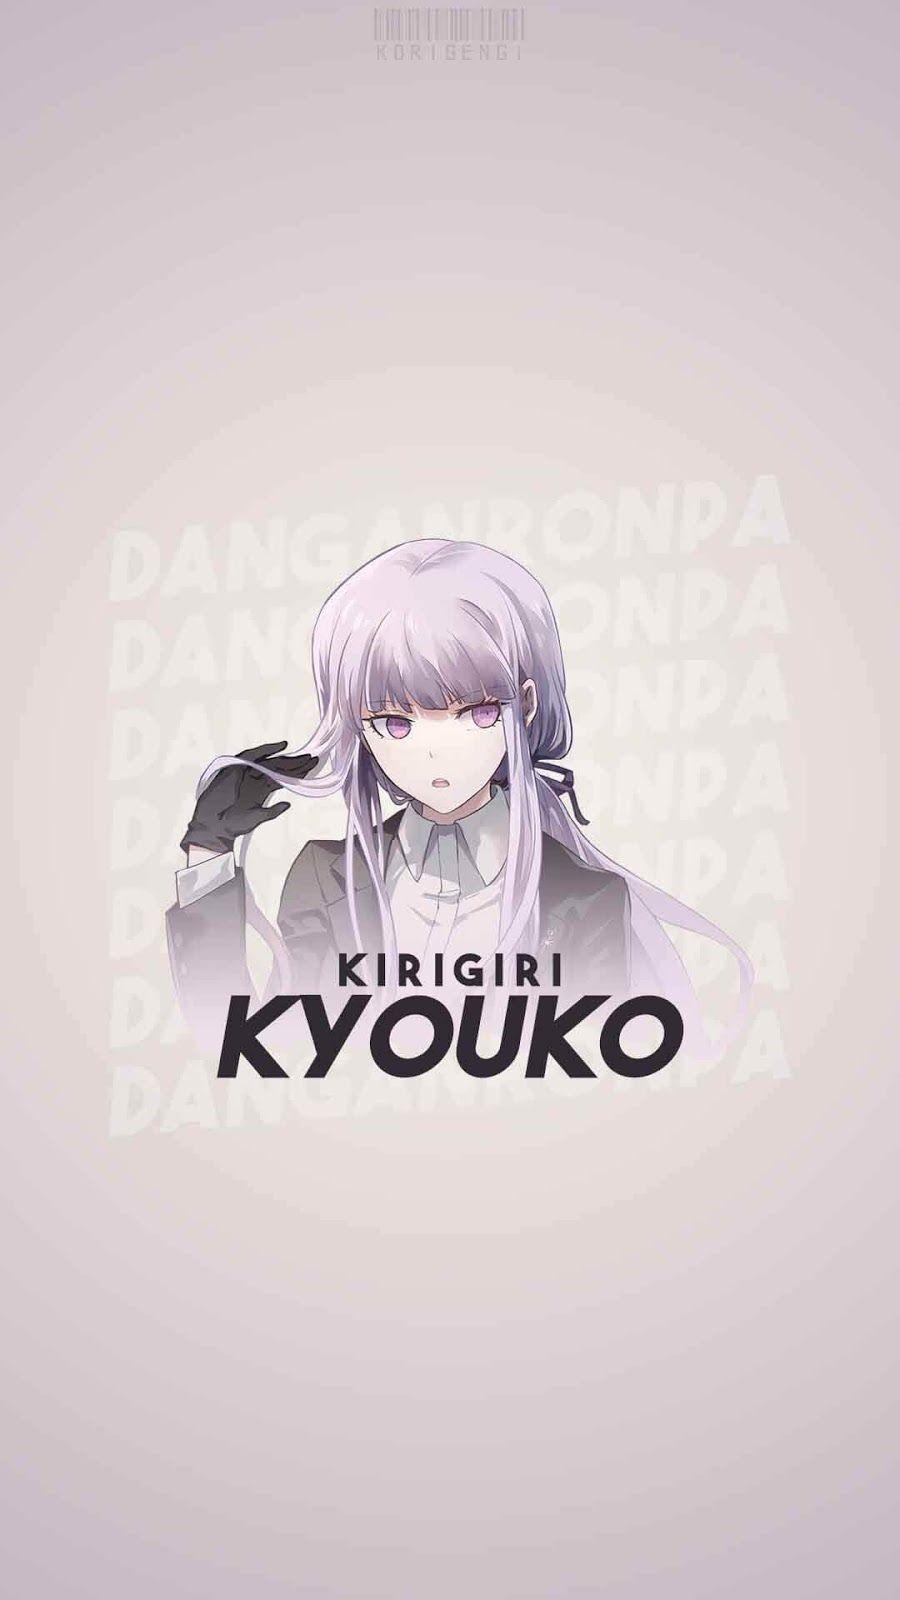 Kirigiri Kyouko Danganronpa Wallpaper Korigengi